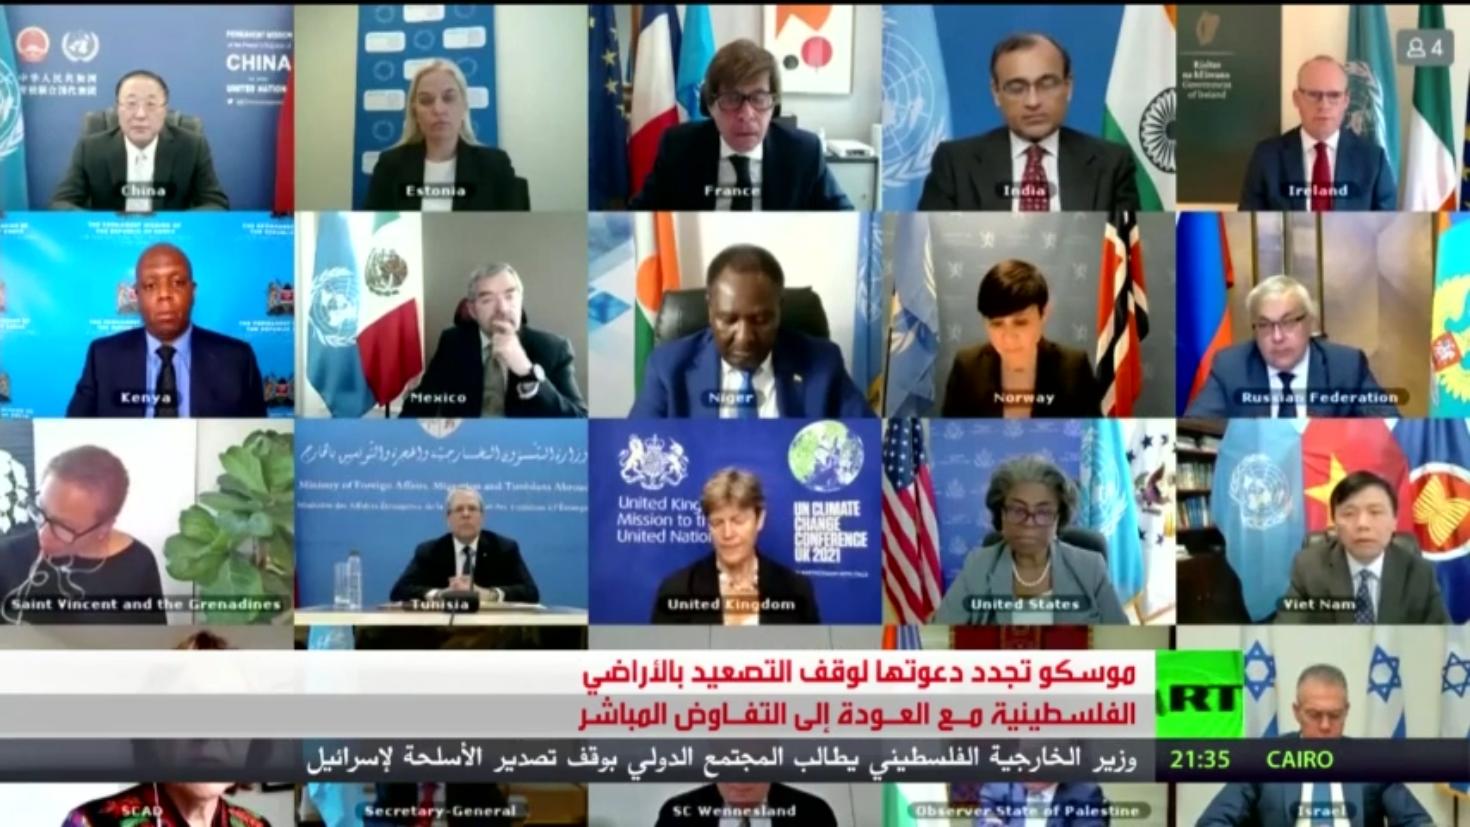 مجلس الأمن يبحث التصعيد بين إسرائيل وفلسطين